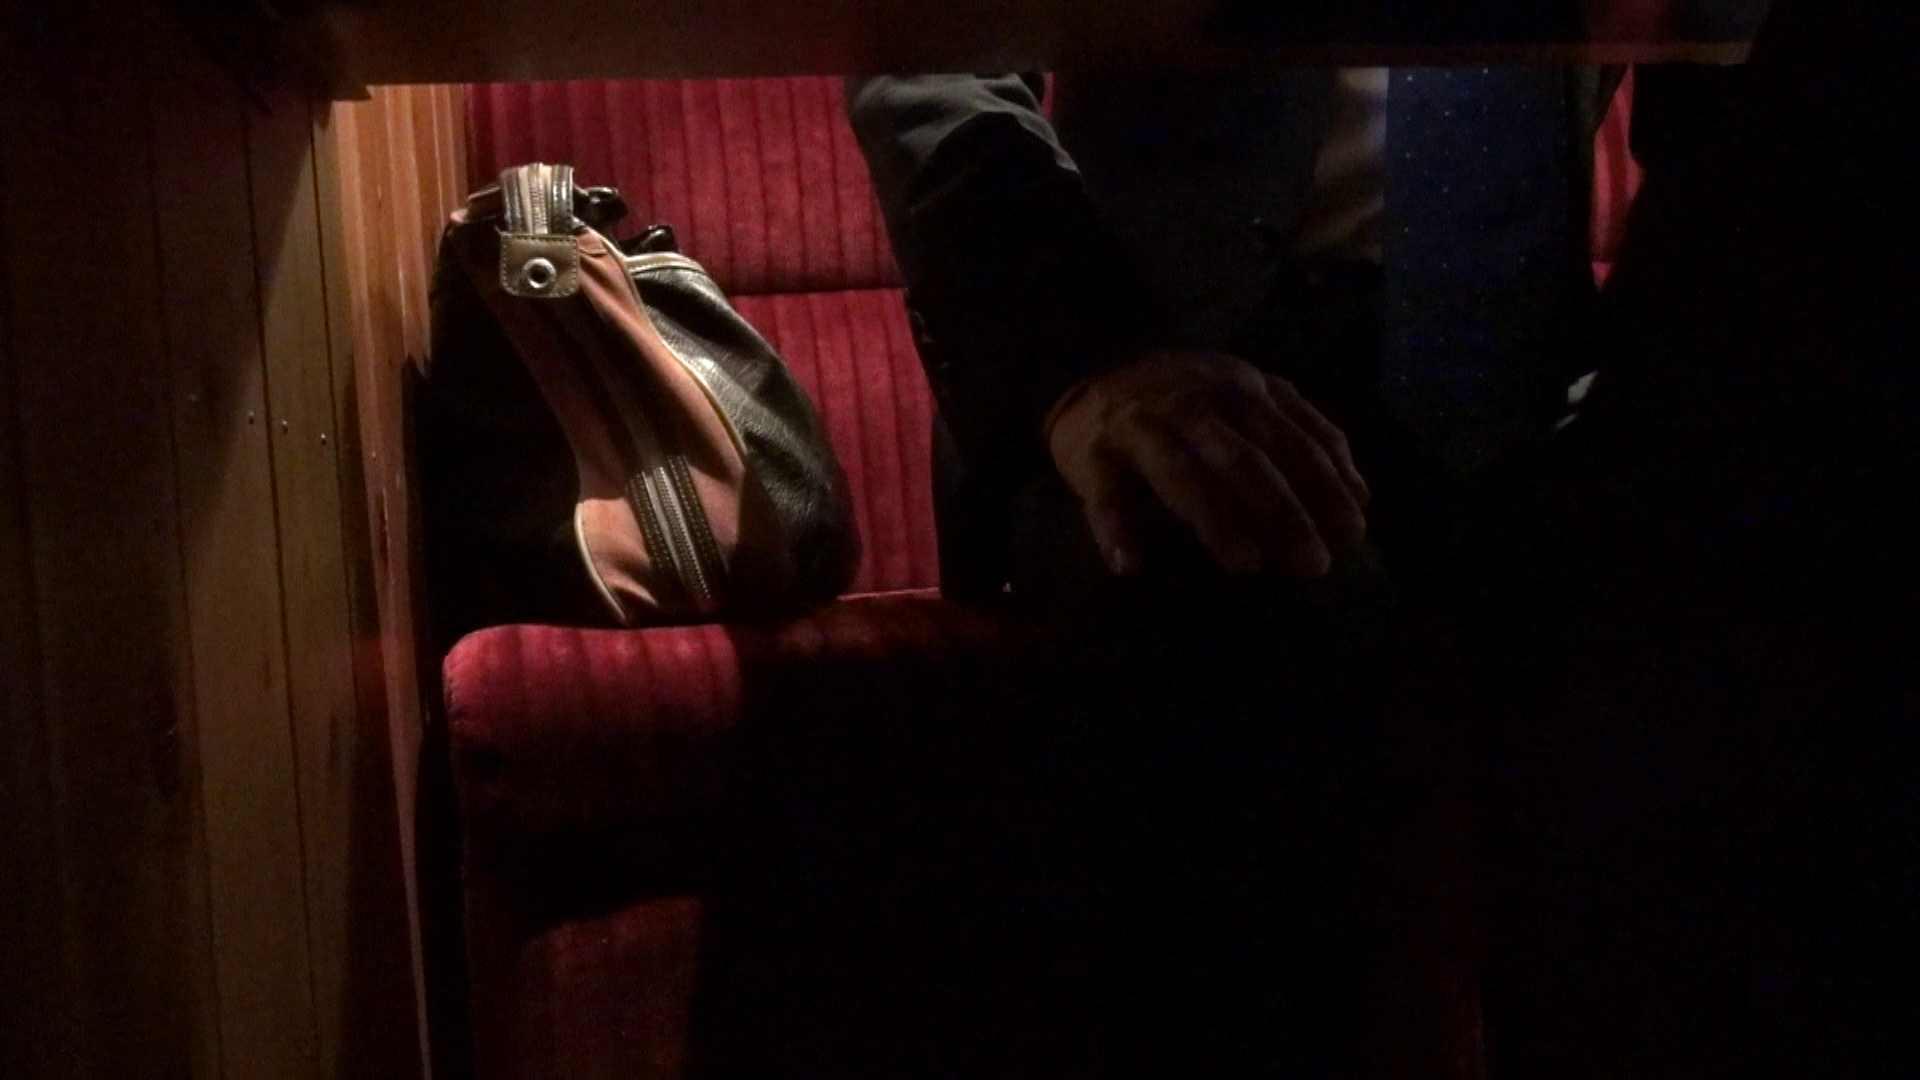 episode1 ヒロトさんと保険外交員との顔合わせ リアル・マンコ AV無料動画キャプチャ 71pic 8